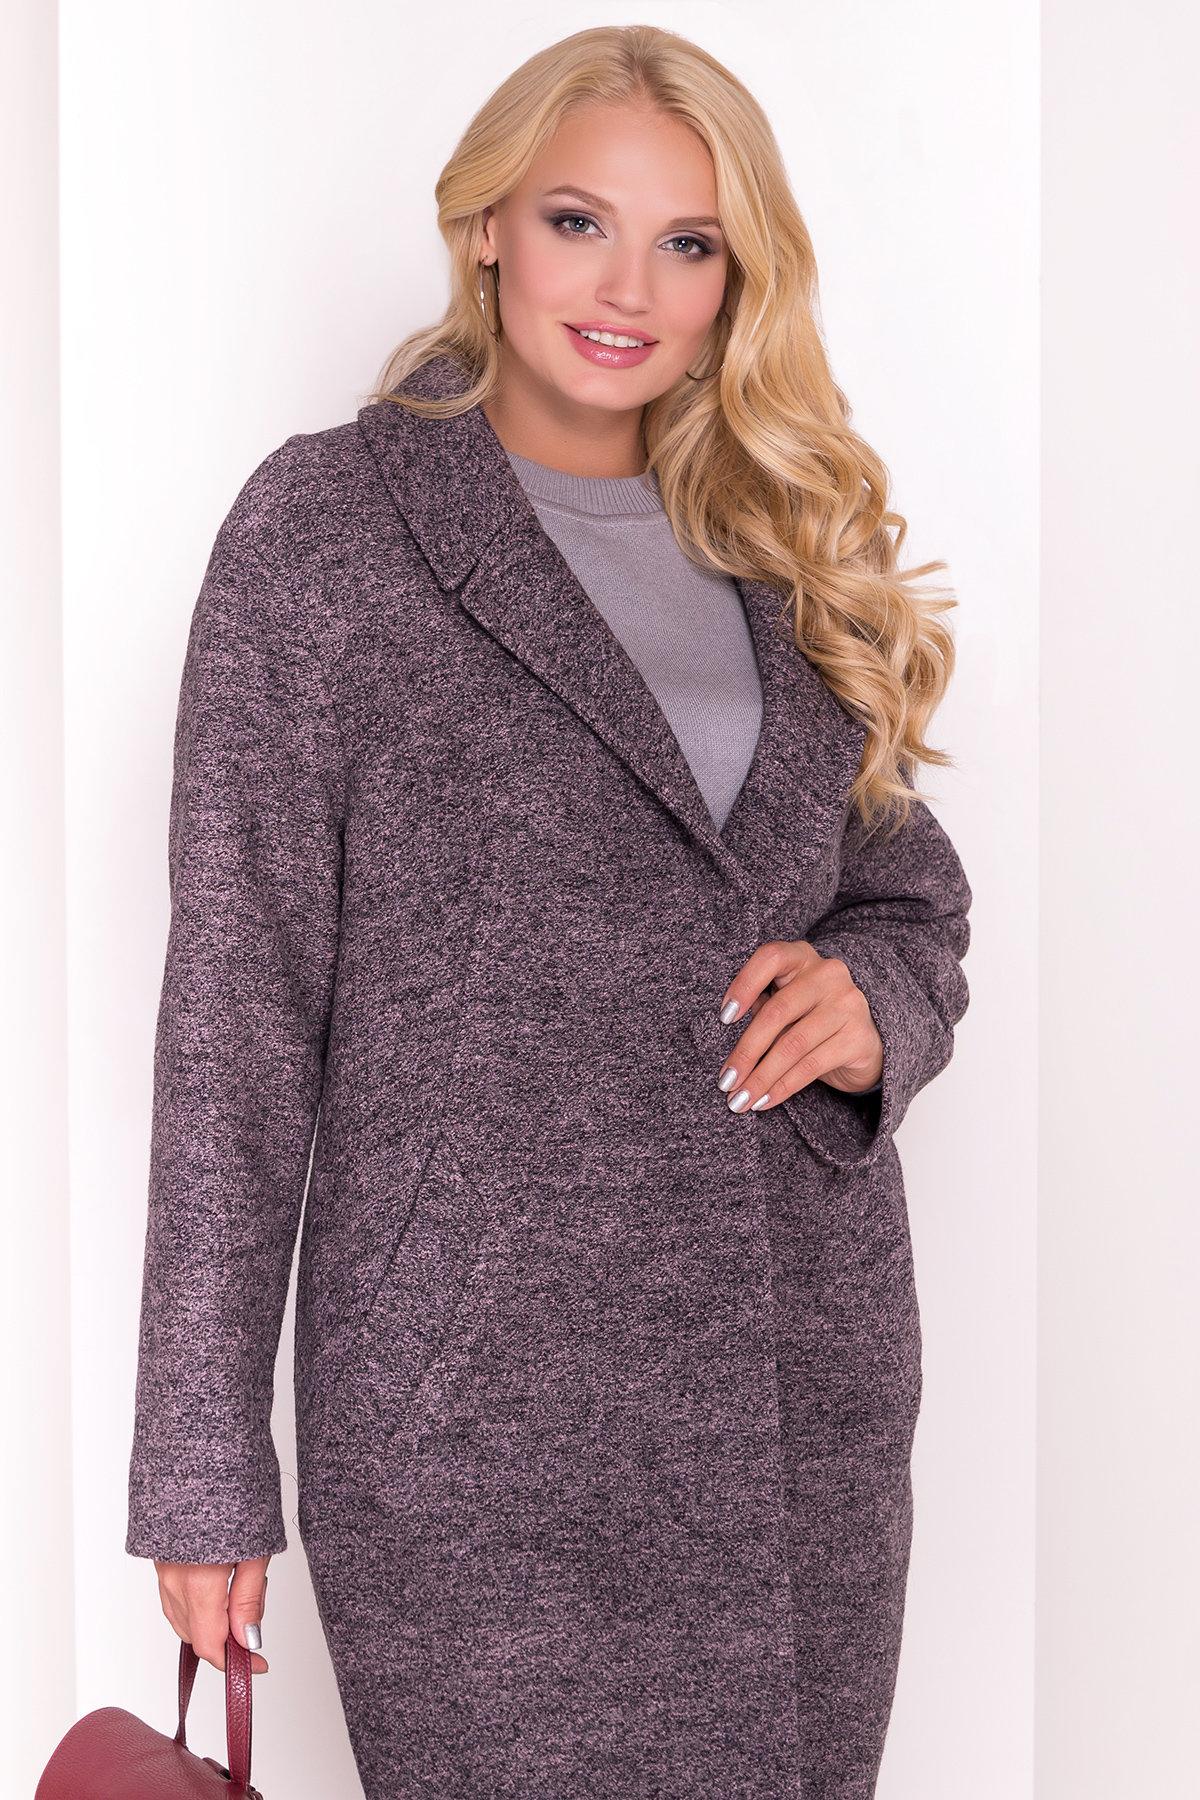 Пальто Арсина Donna 4451 АРТ. 21635 Цвет: Черный/розовый-LW19 - фото 3, интернет магазин tm-modus.ru